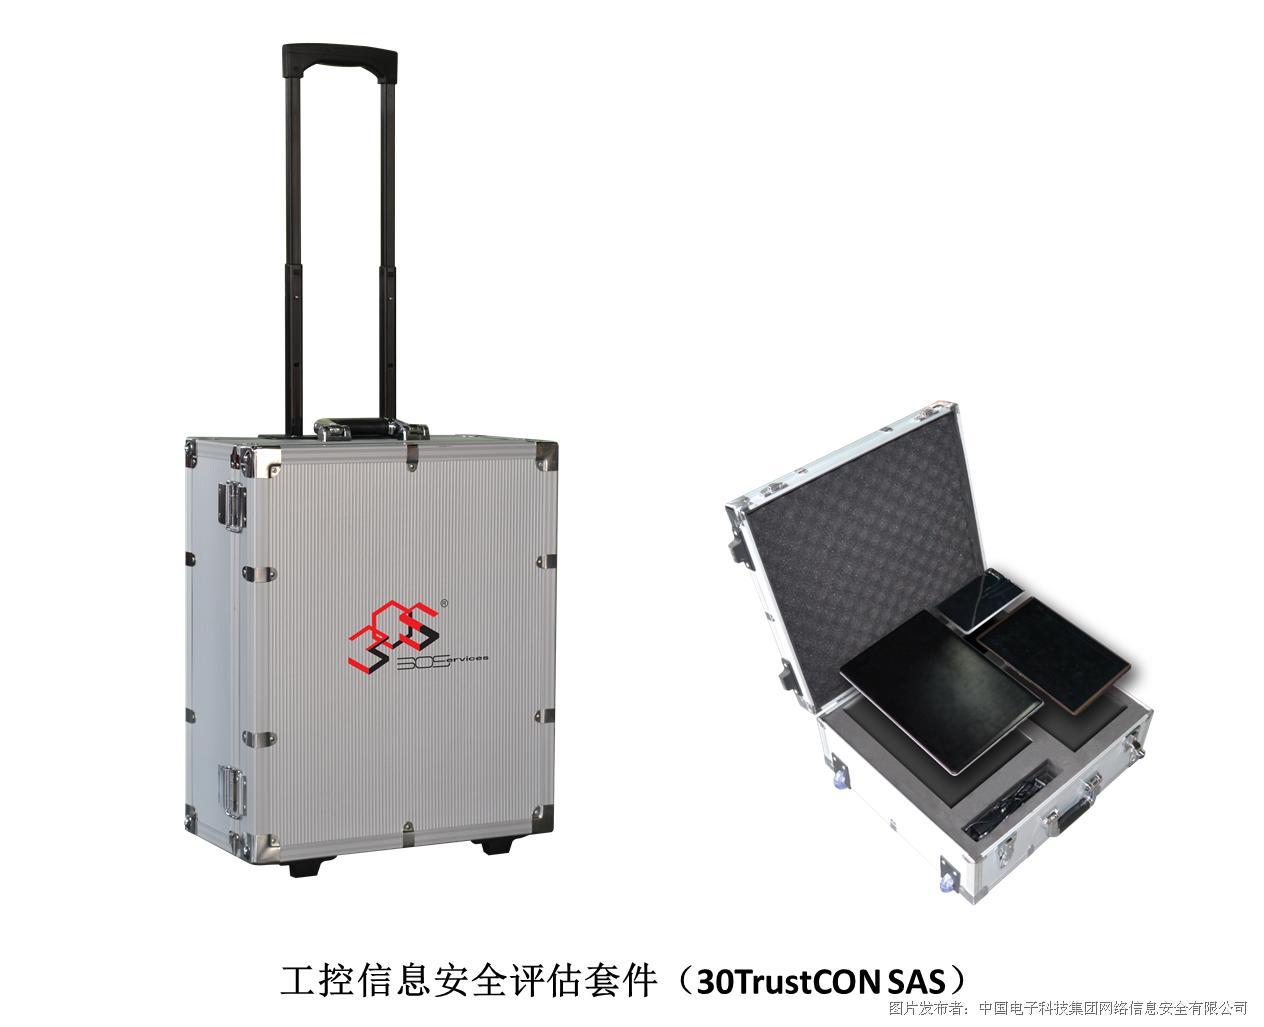 30TrustCon SAS工控信息安全评估套件